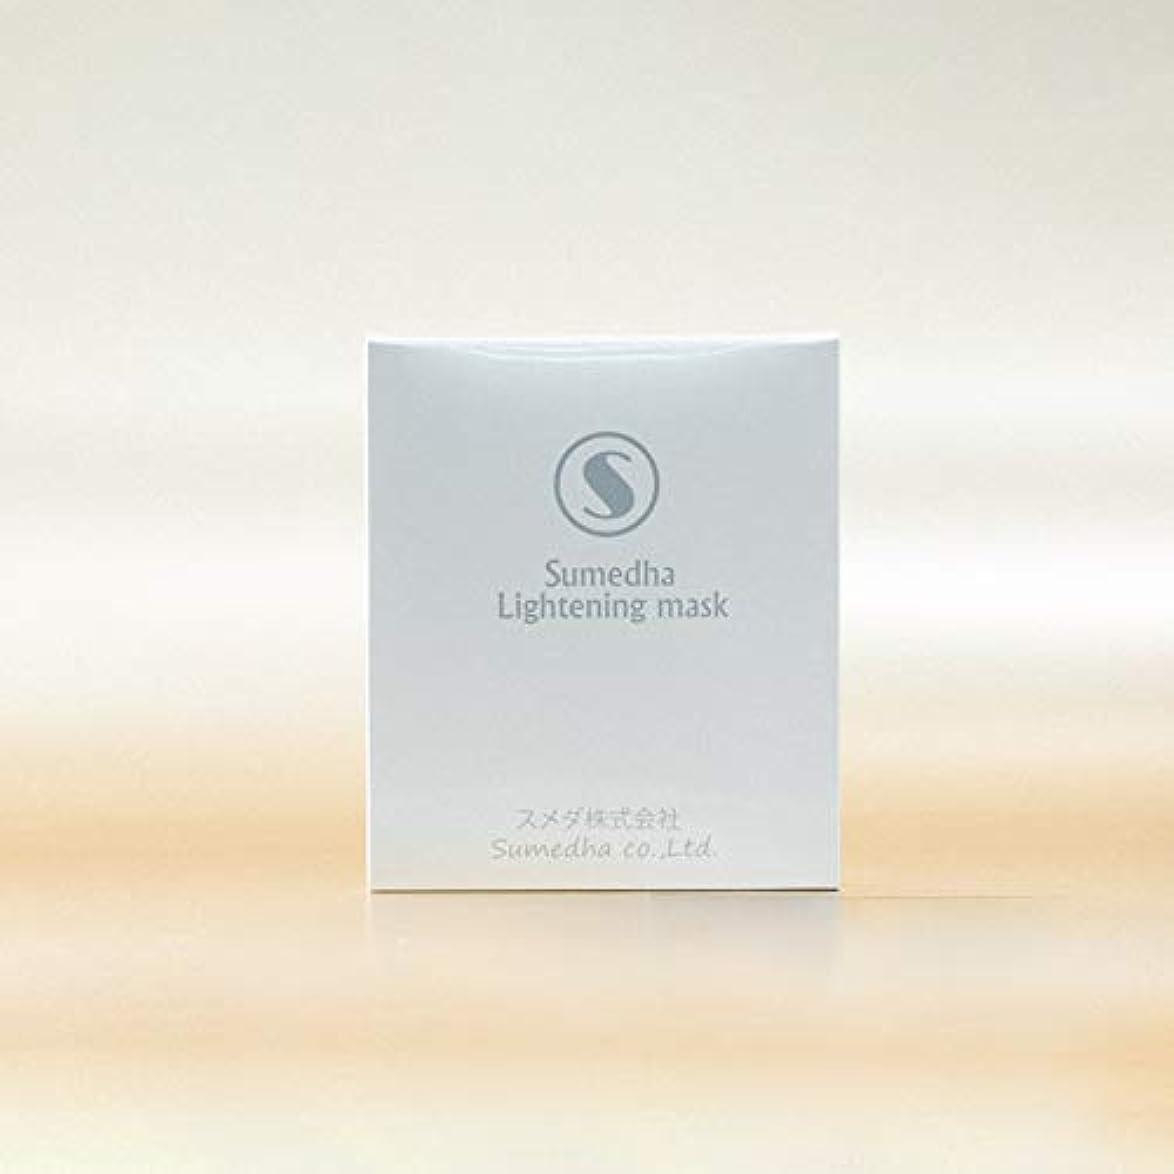 代表してスズメバチモジュールフェイスマスク Sumedha パック 保湿マスク 日本製 マスク フェイスパック 3枚入り 美白 美容 アンチセンシティブ 角質層修復 抗酸化 保湿 補水 敏感肌 発赤 アレルギー緩和 コーセー (美白)